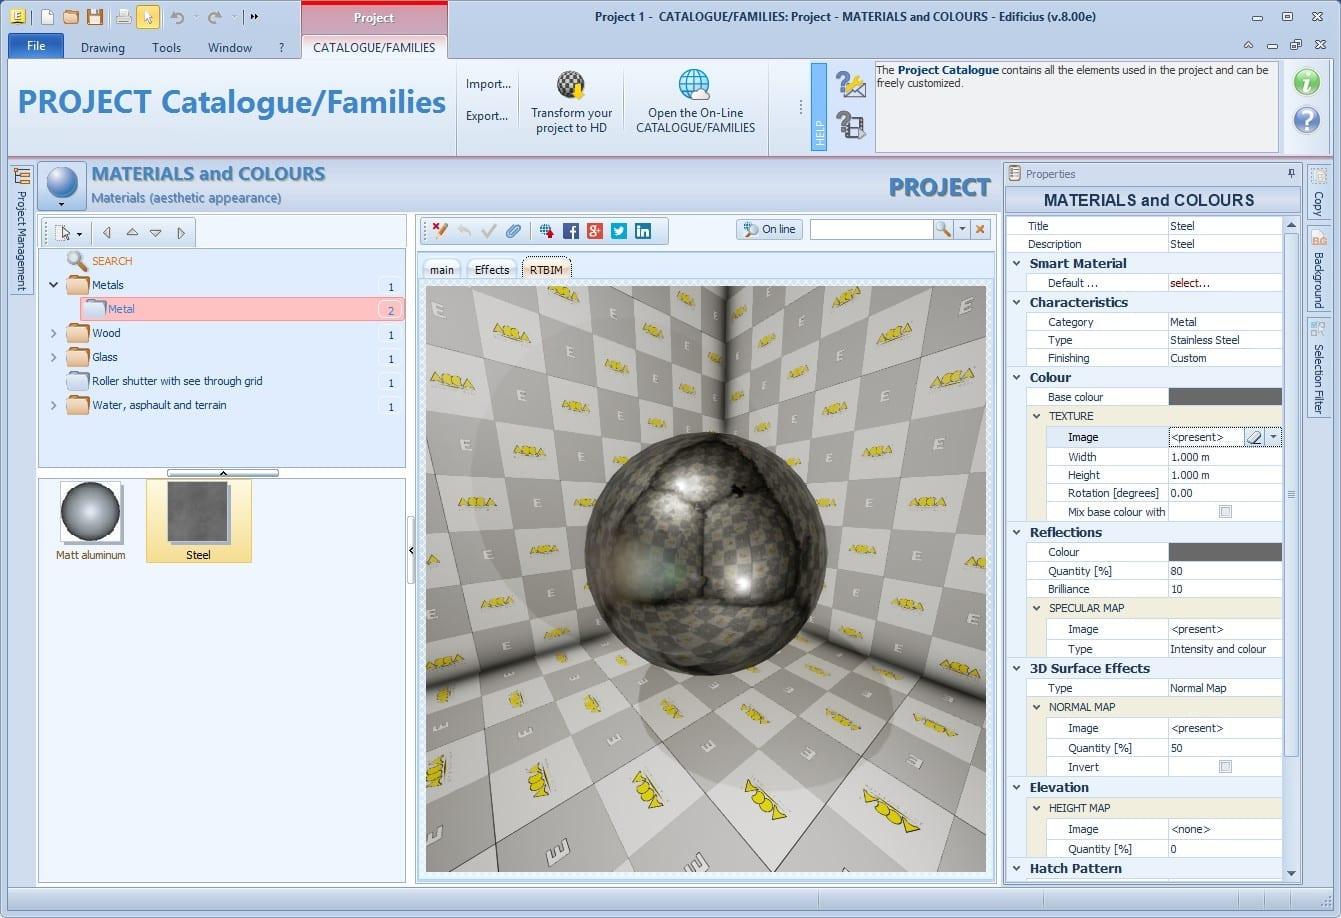 Caixa efeitos Texturas Mapa em um software BIM